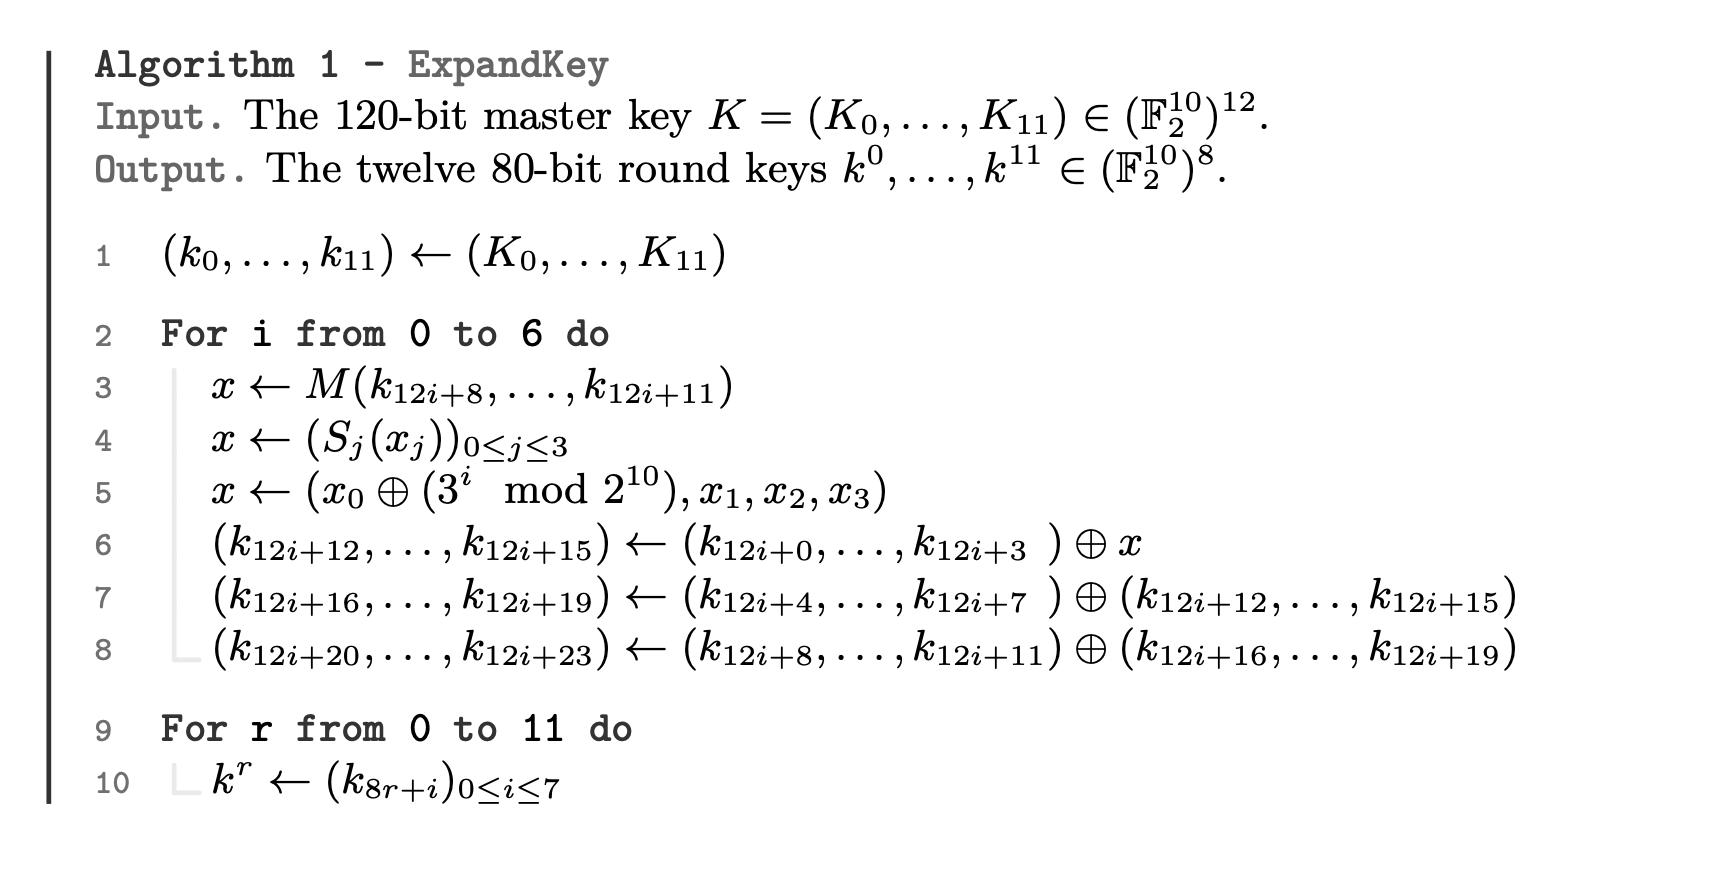 Алгоритм генерации раундов ключей на базе мастер ключа